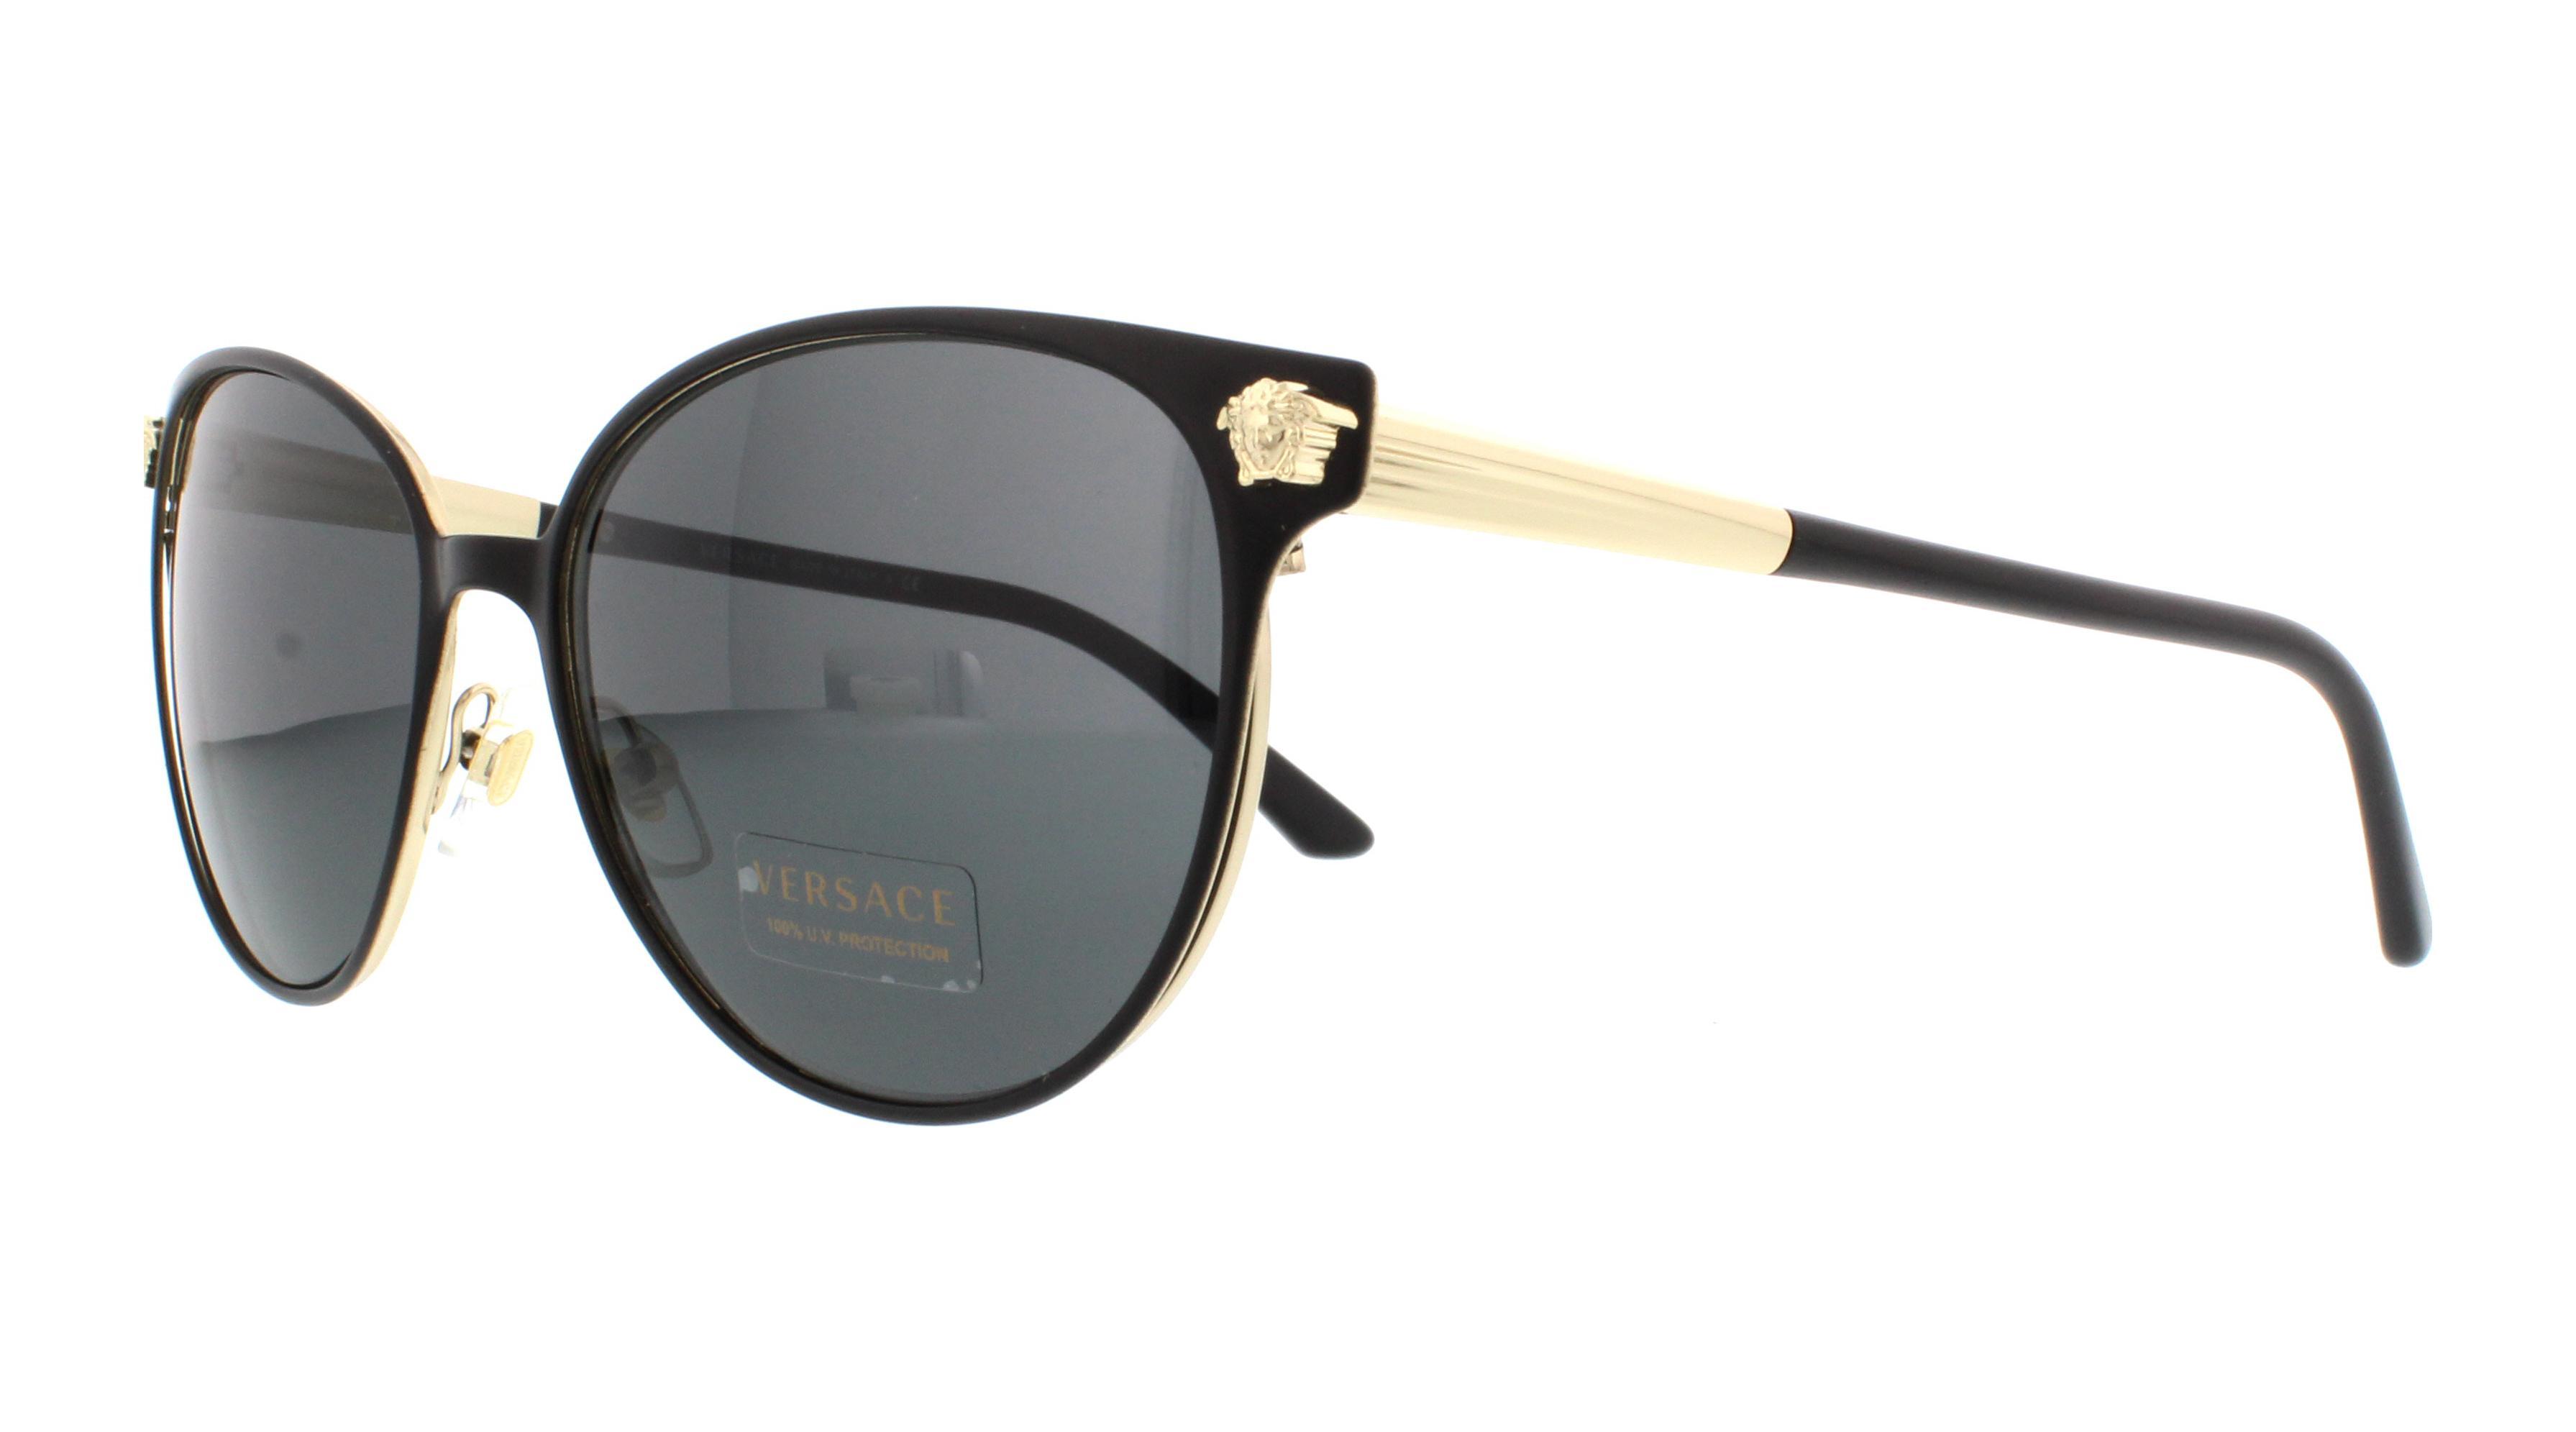 1c057573e92b Designer Frames Outlet. Versace VE2168